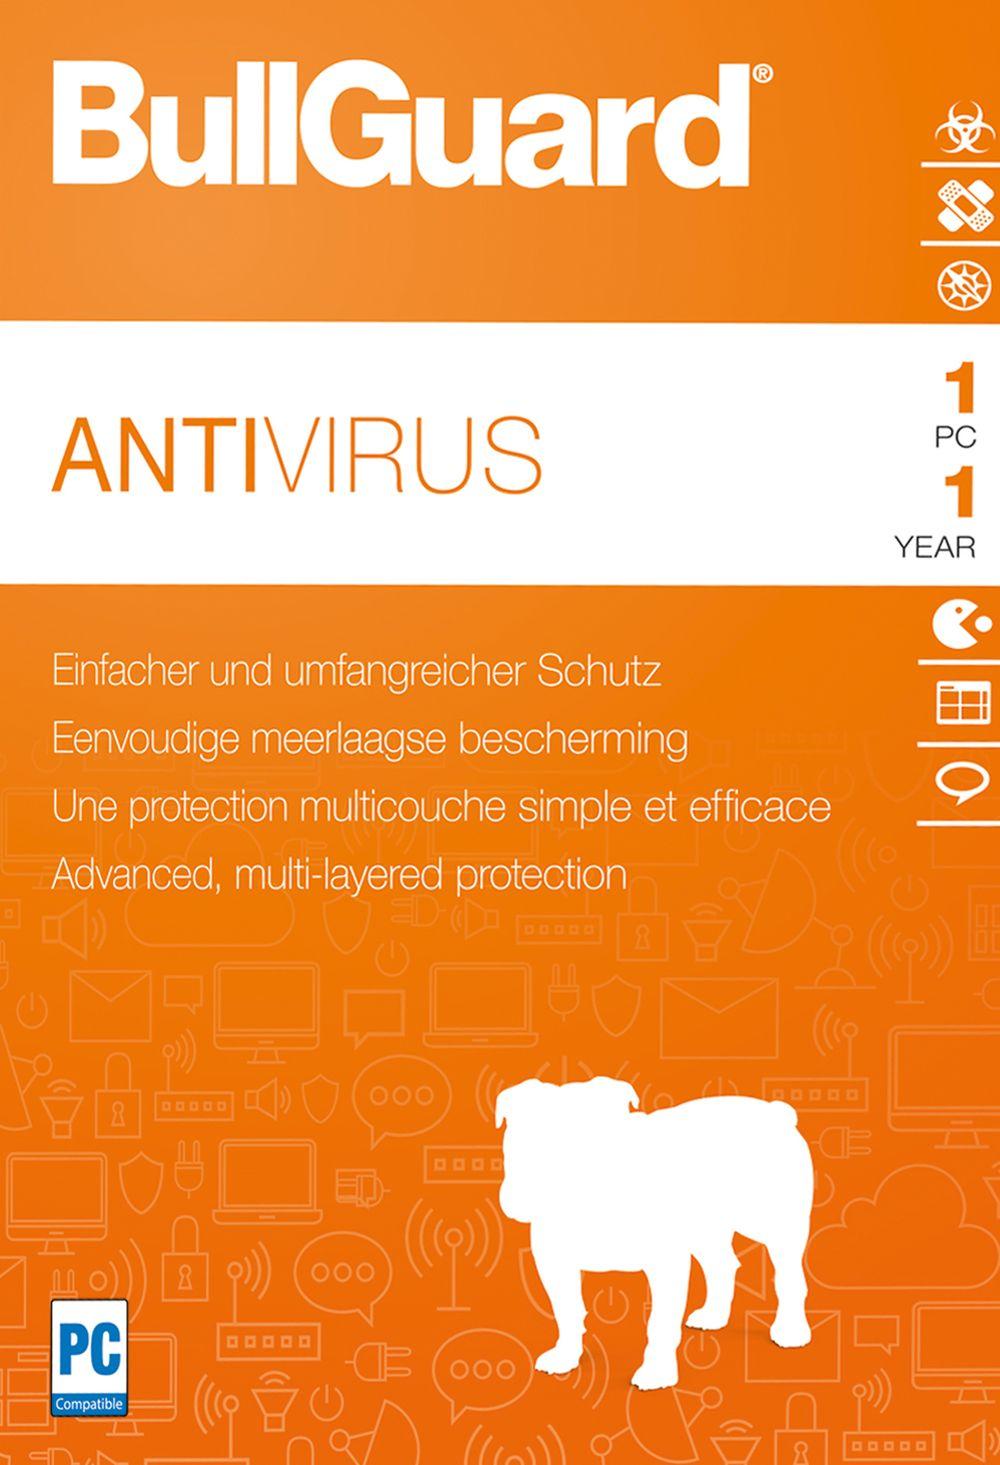 Bullguard Antivirus 2018 - Lizenz für 1 Jahr und 1 PC